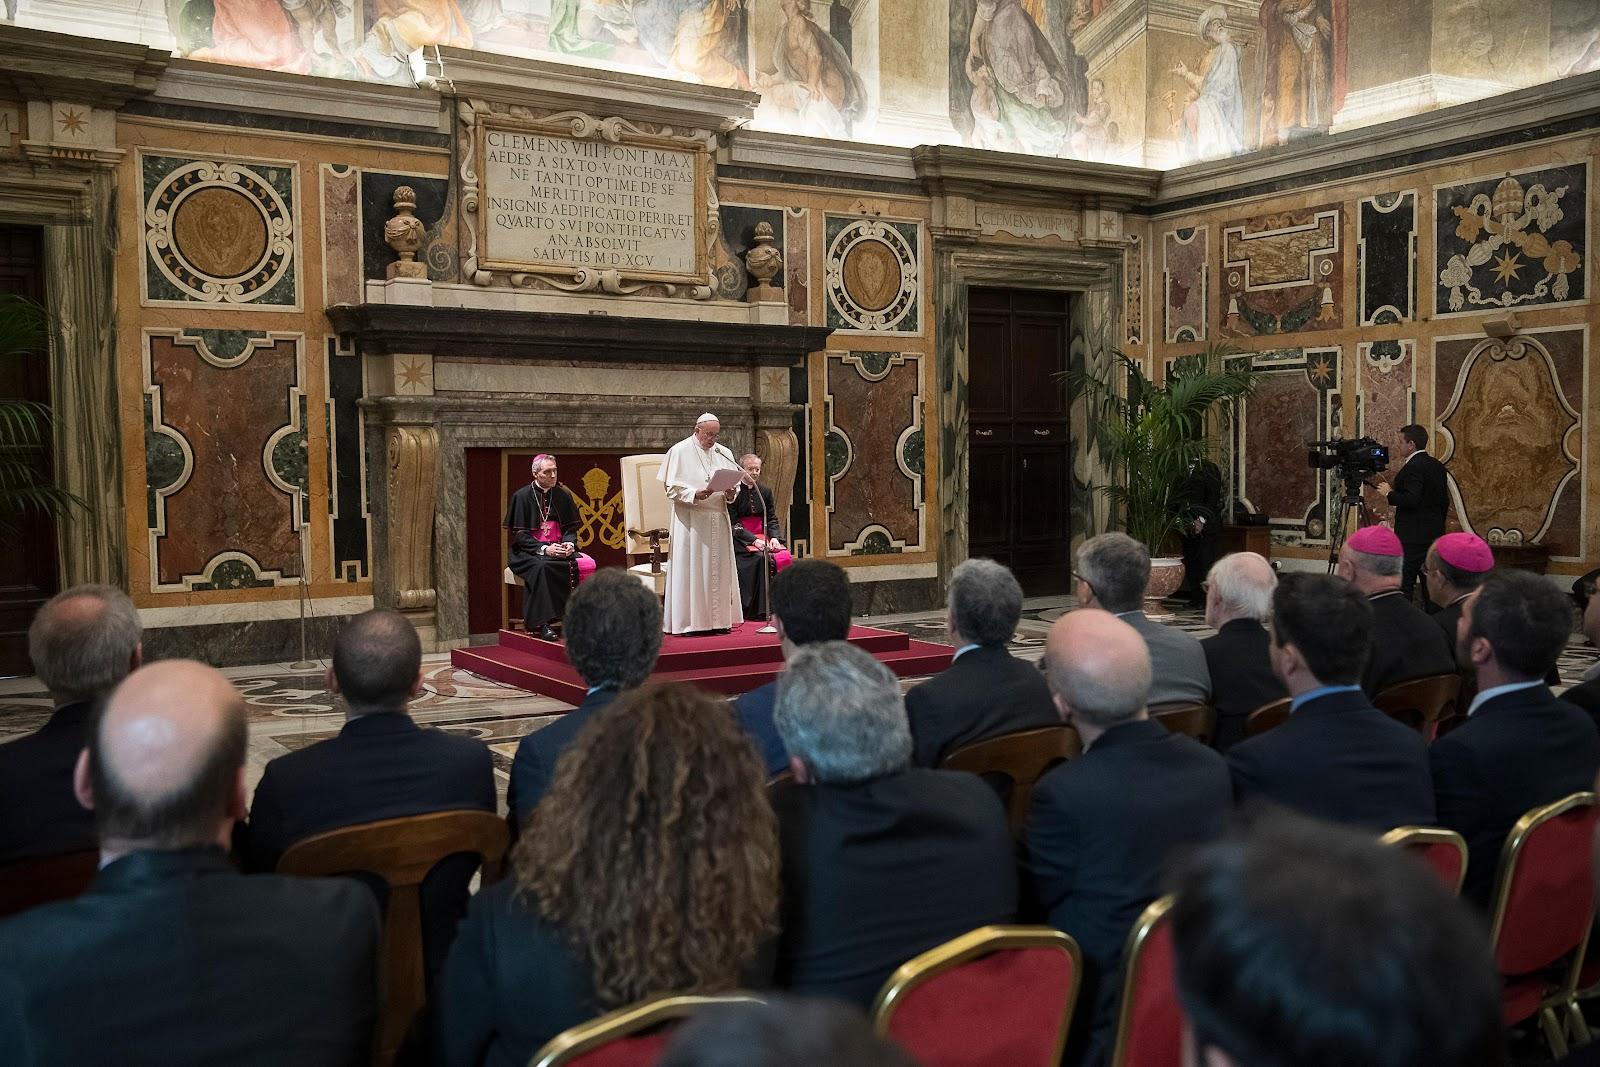 THÔNG CÁO: Đức Thánh Cha Phanxico mở văn khố về Đức Giáo hoàng Piô XII ngày 2 tháng Ba, 2020